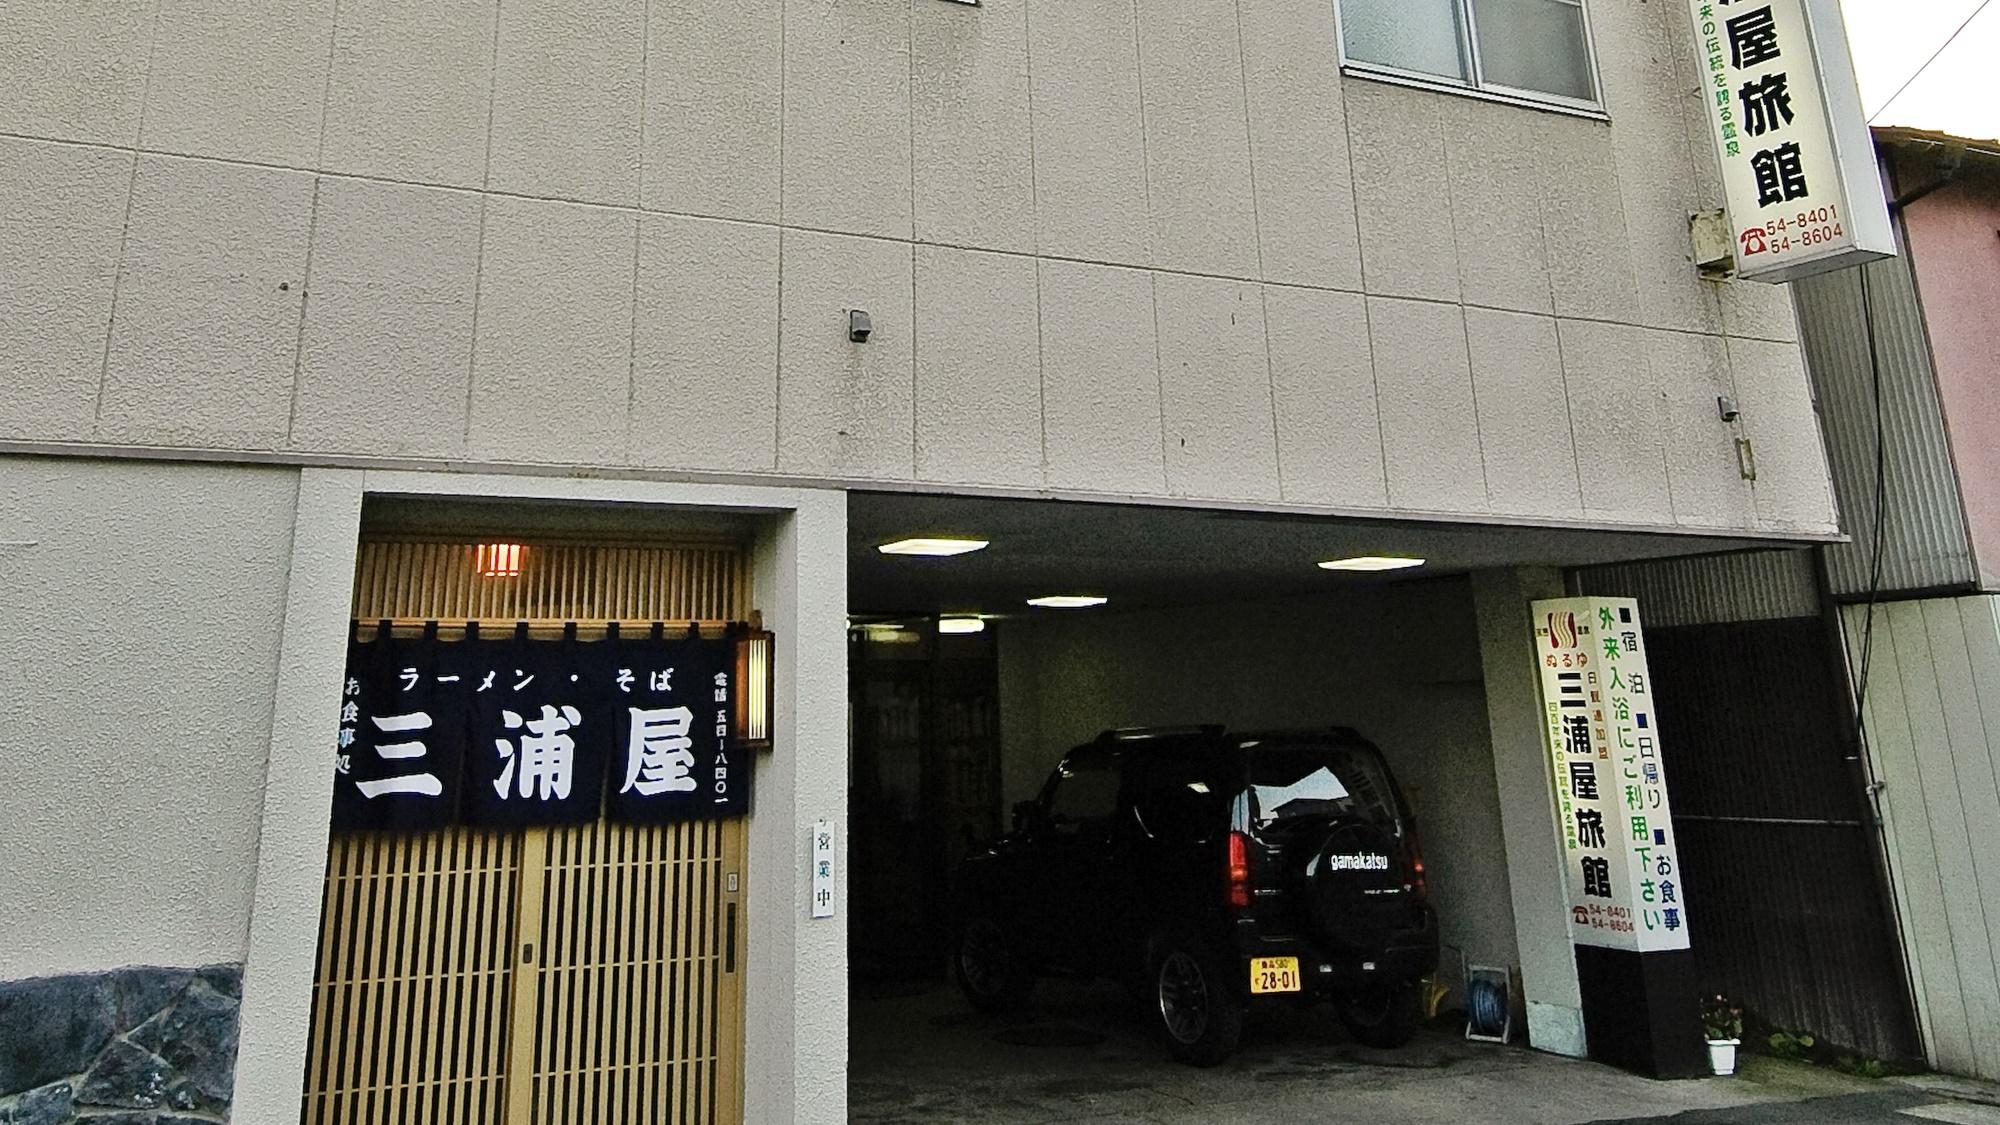 黒石温泉 三浦屋旅館